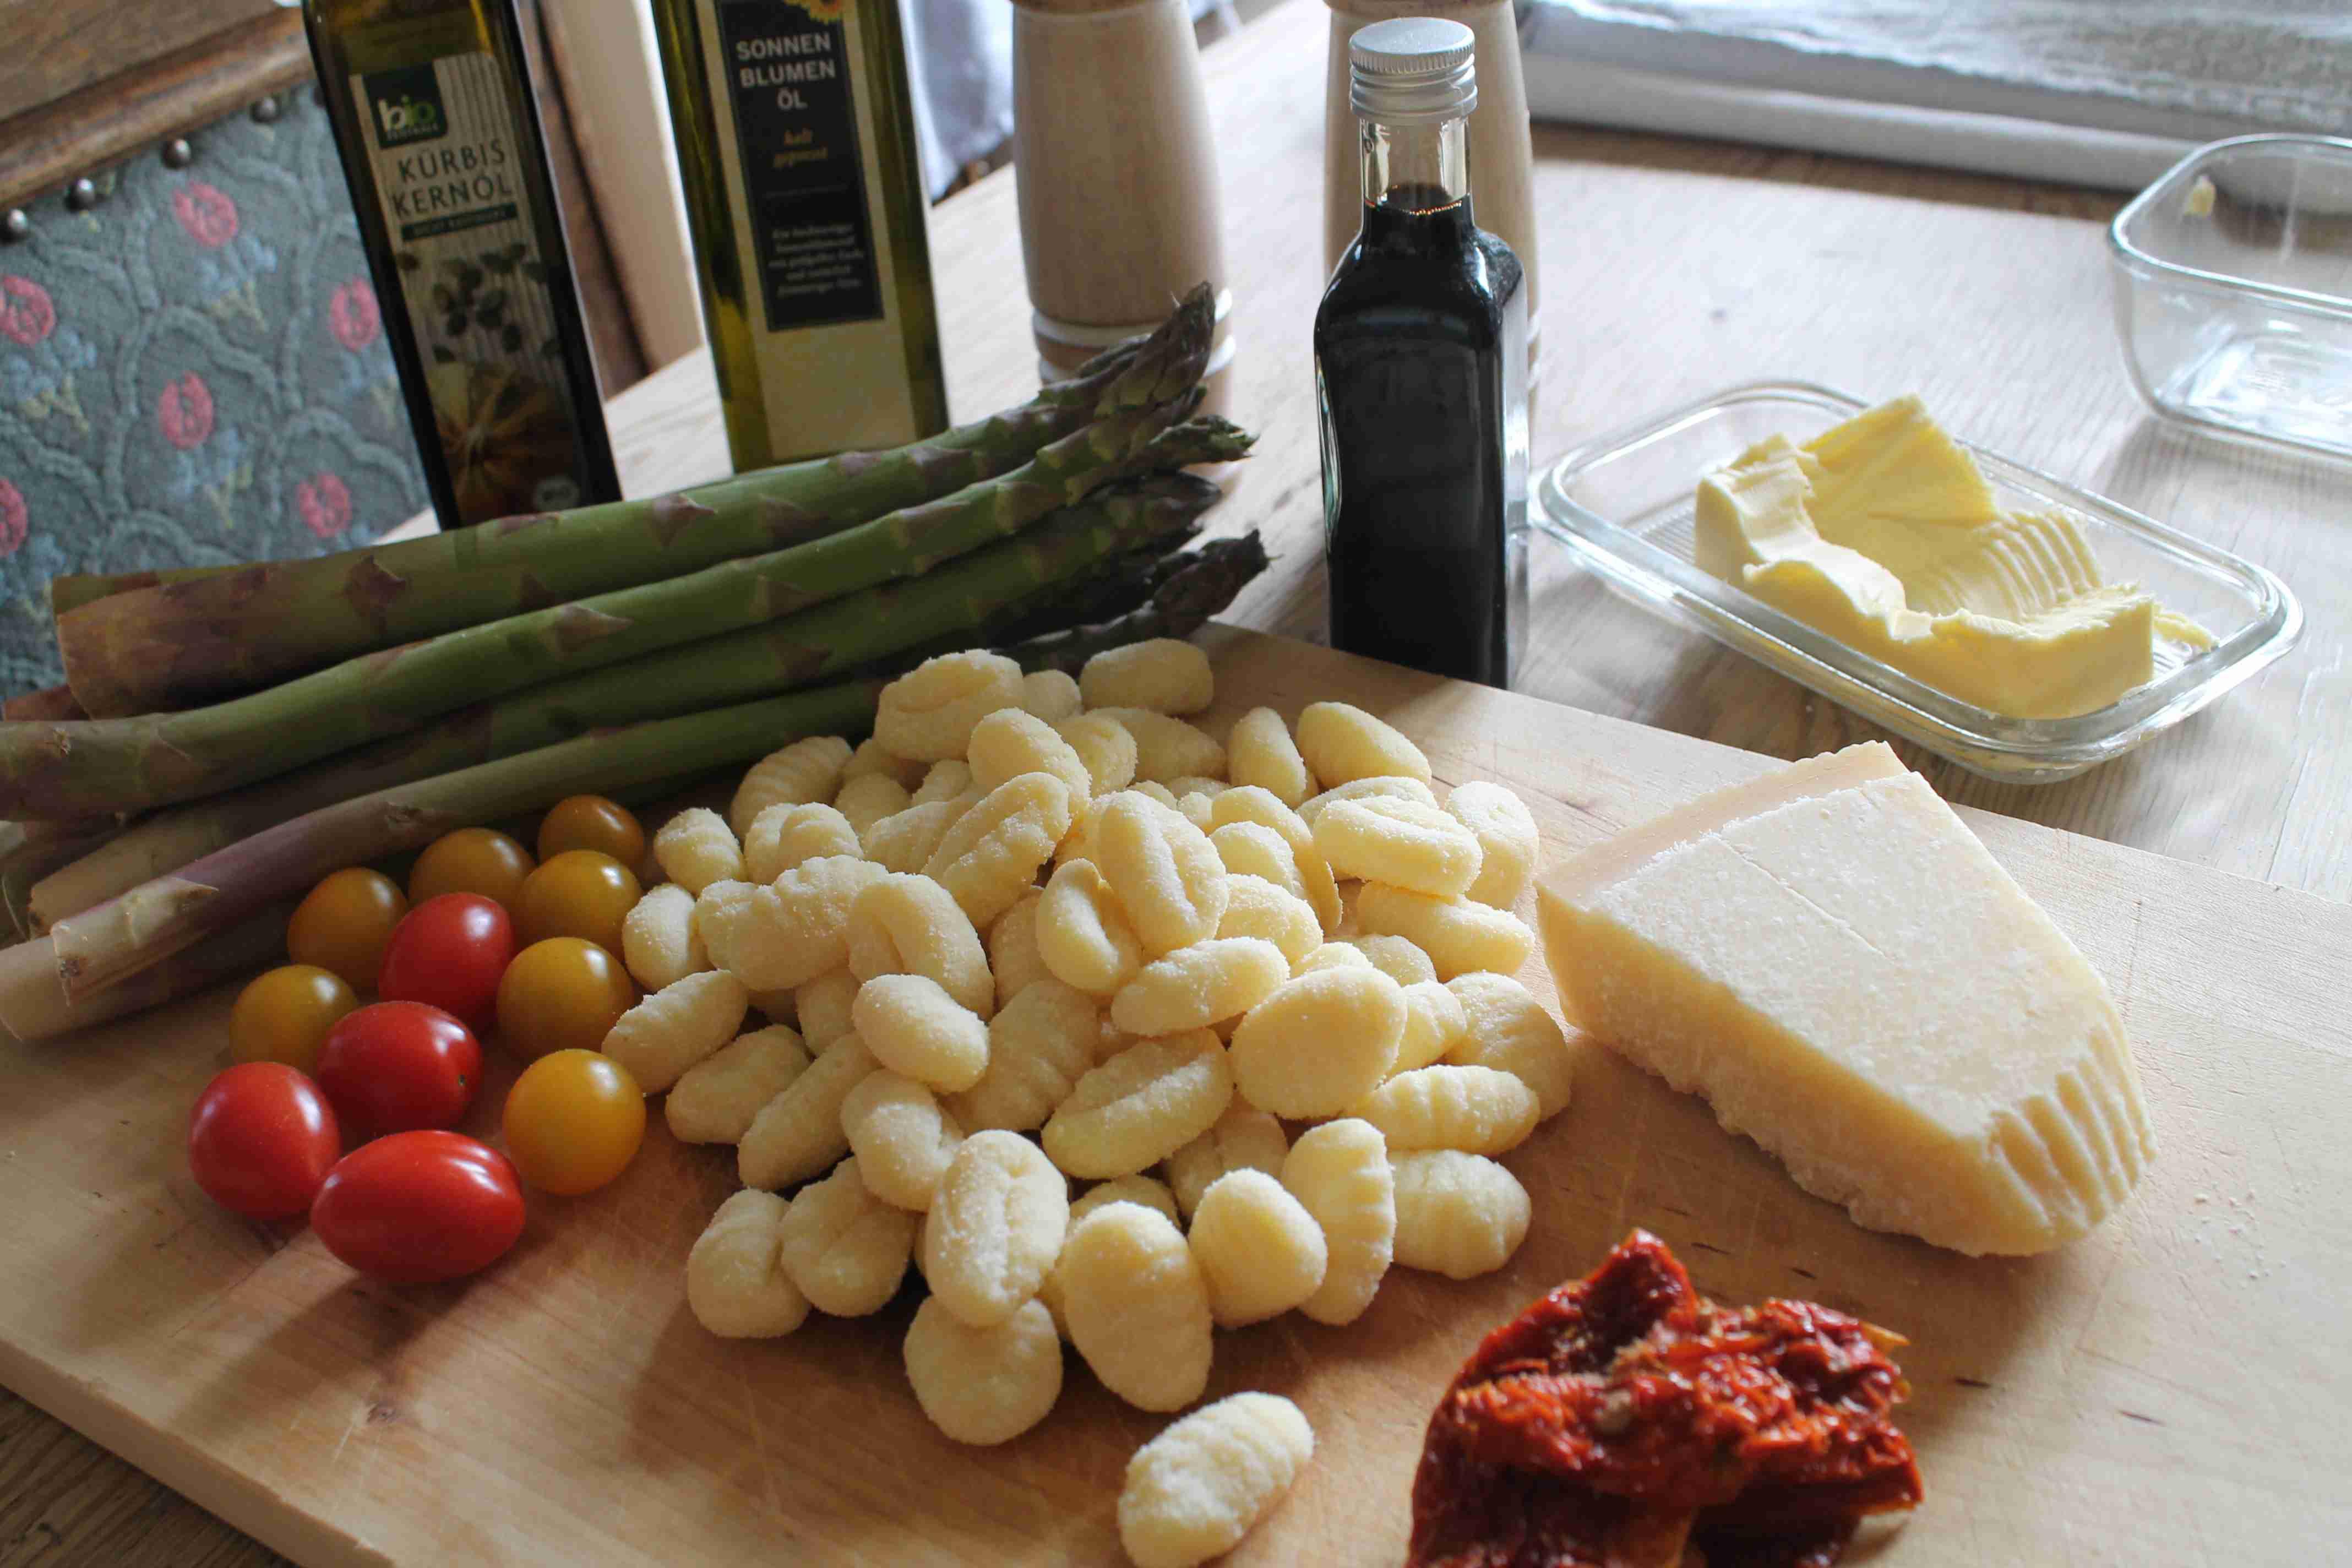 Grüner Spargel mit Gnocchi, Kirschtomaten, Parmesan in Kürbiskern Öl und Balsamico-Essig - die Zutaten